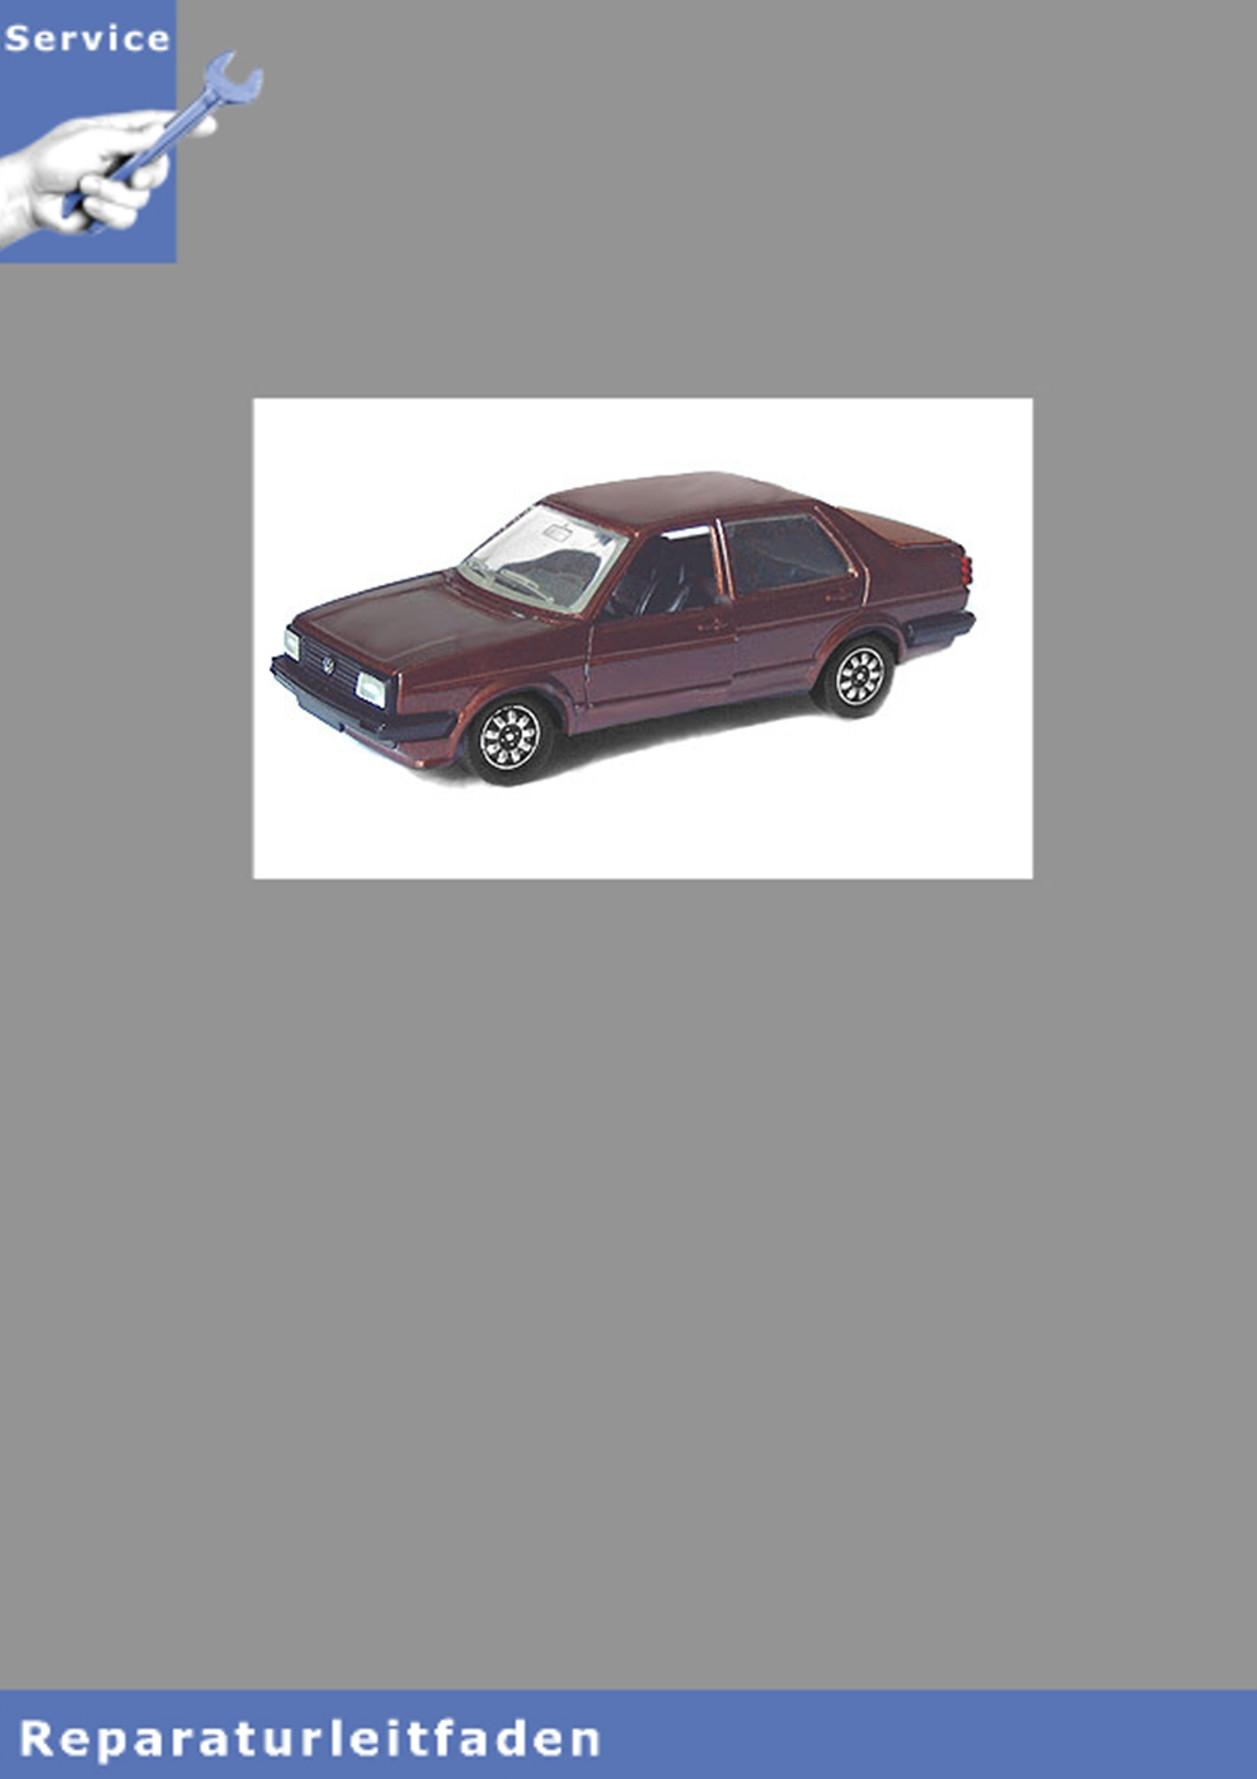 VW Jetta I, Typ 16 (79-84) 5-Gang-Schaltgetriebe 020 - Reparaturanleitung